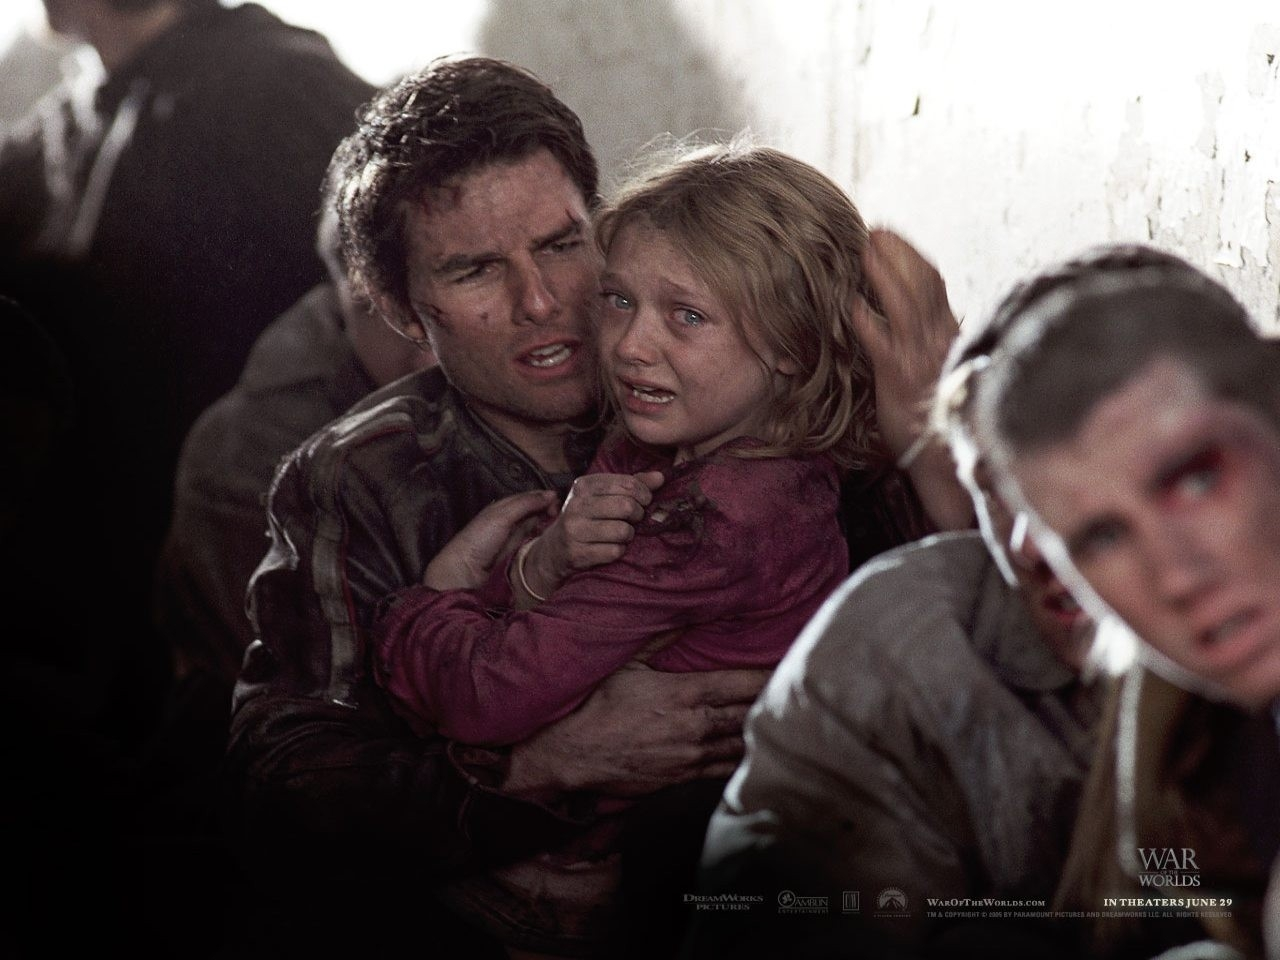 Wallpaper del film La guerra dei mondi con Cruise e la Fanning